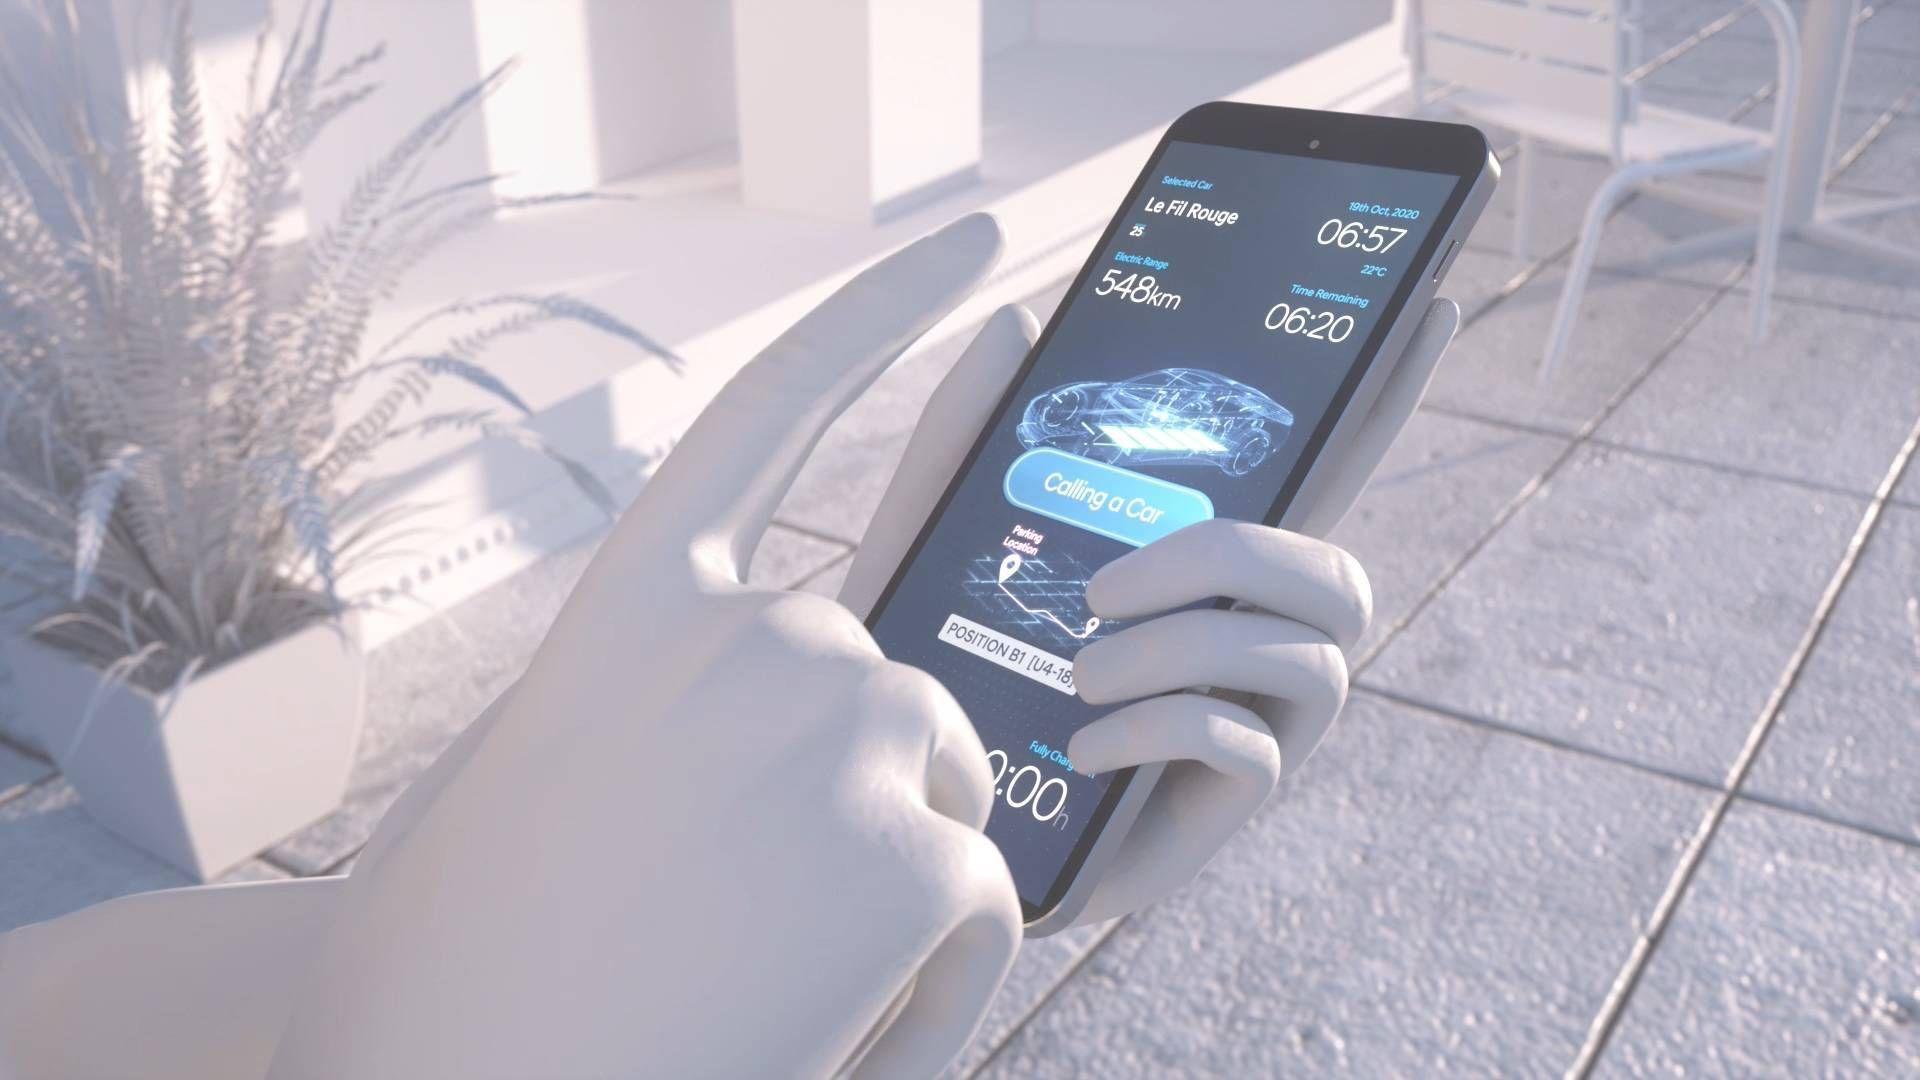 Du skal kunne sende bilen til å lade, og kalle den tilbake etterpå, med ett trykk på mobilen.